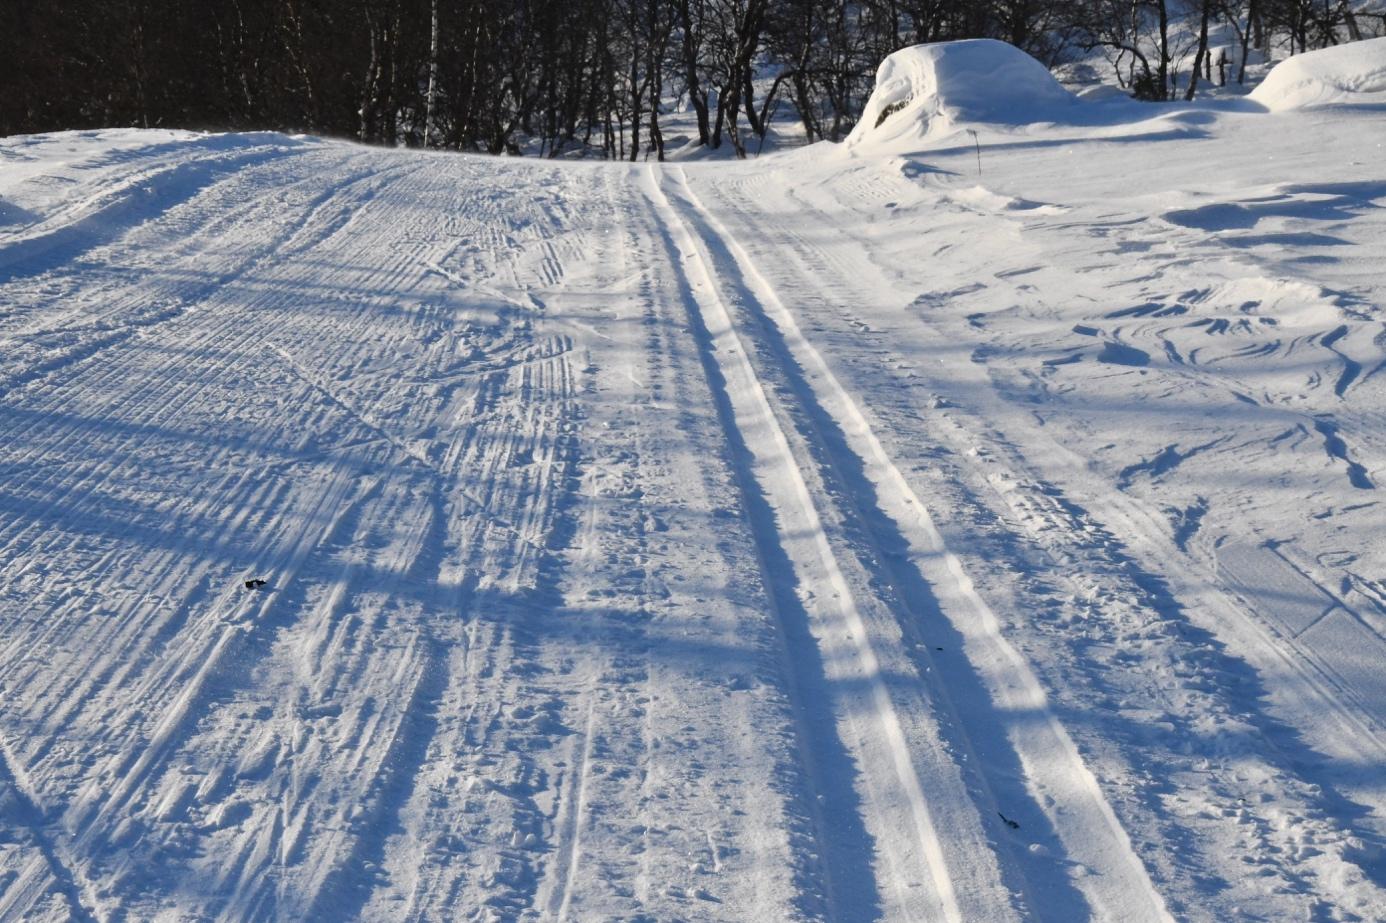 Et bilde som inneholder snø, utendørs, natur, skibakke  Automatisk generert beskrivelse